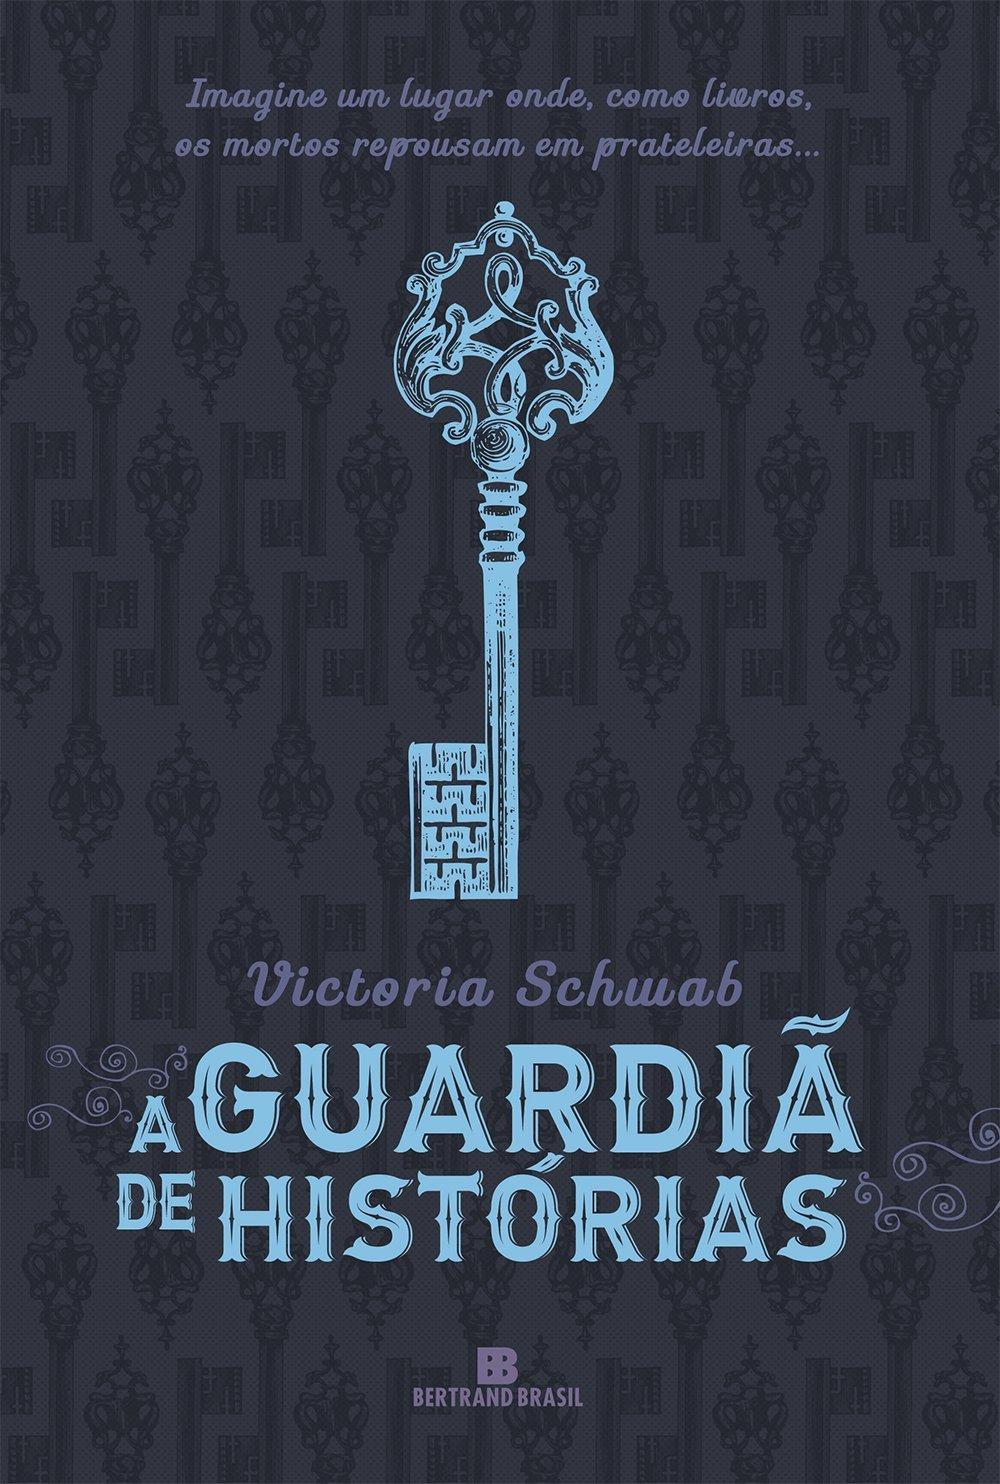 Resenha - A Guardiã de Histórias